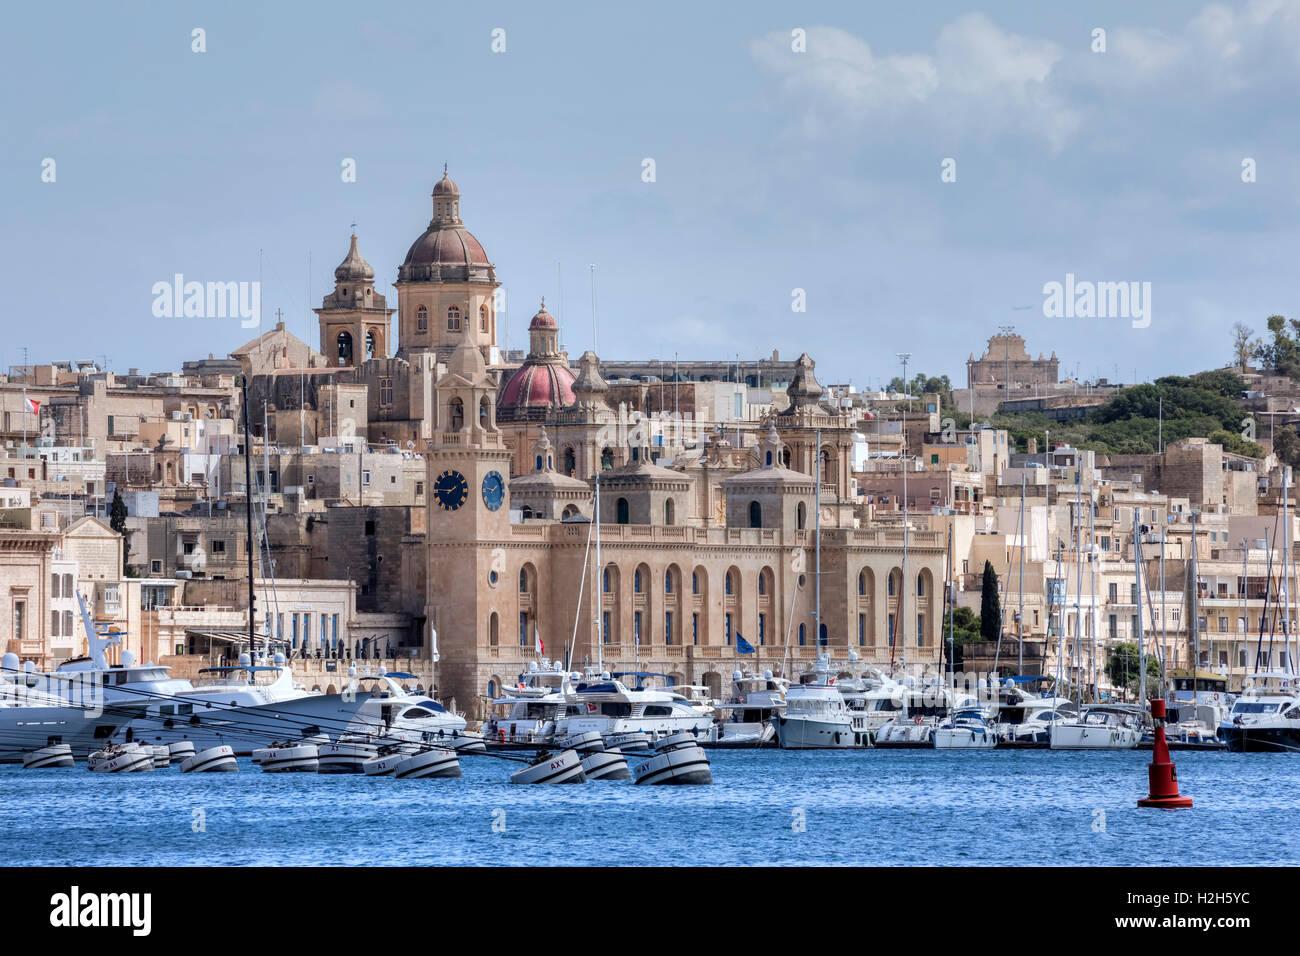 Three Cities, Valletta, Malta - Stock Image